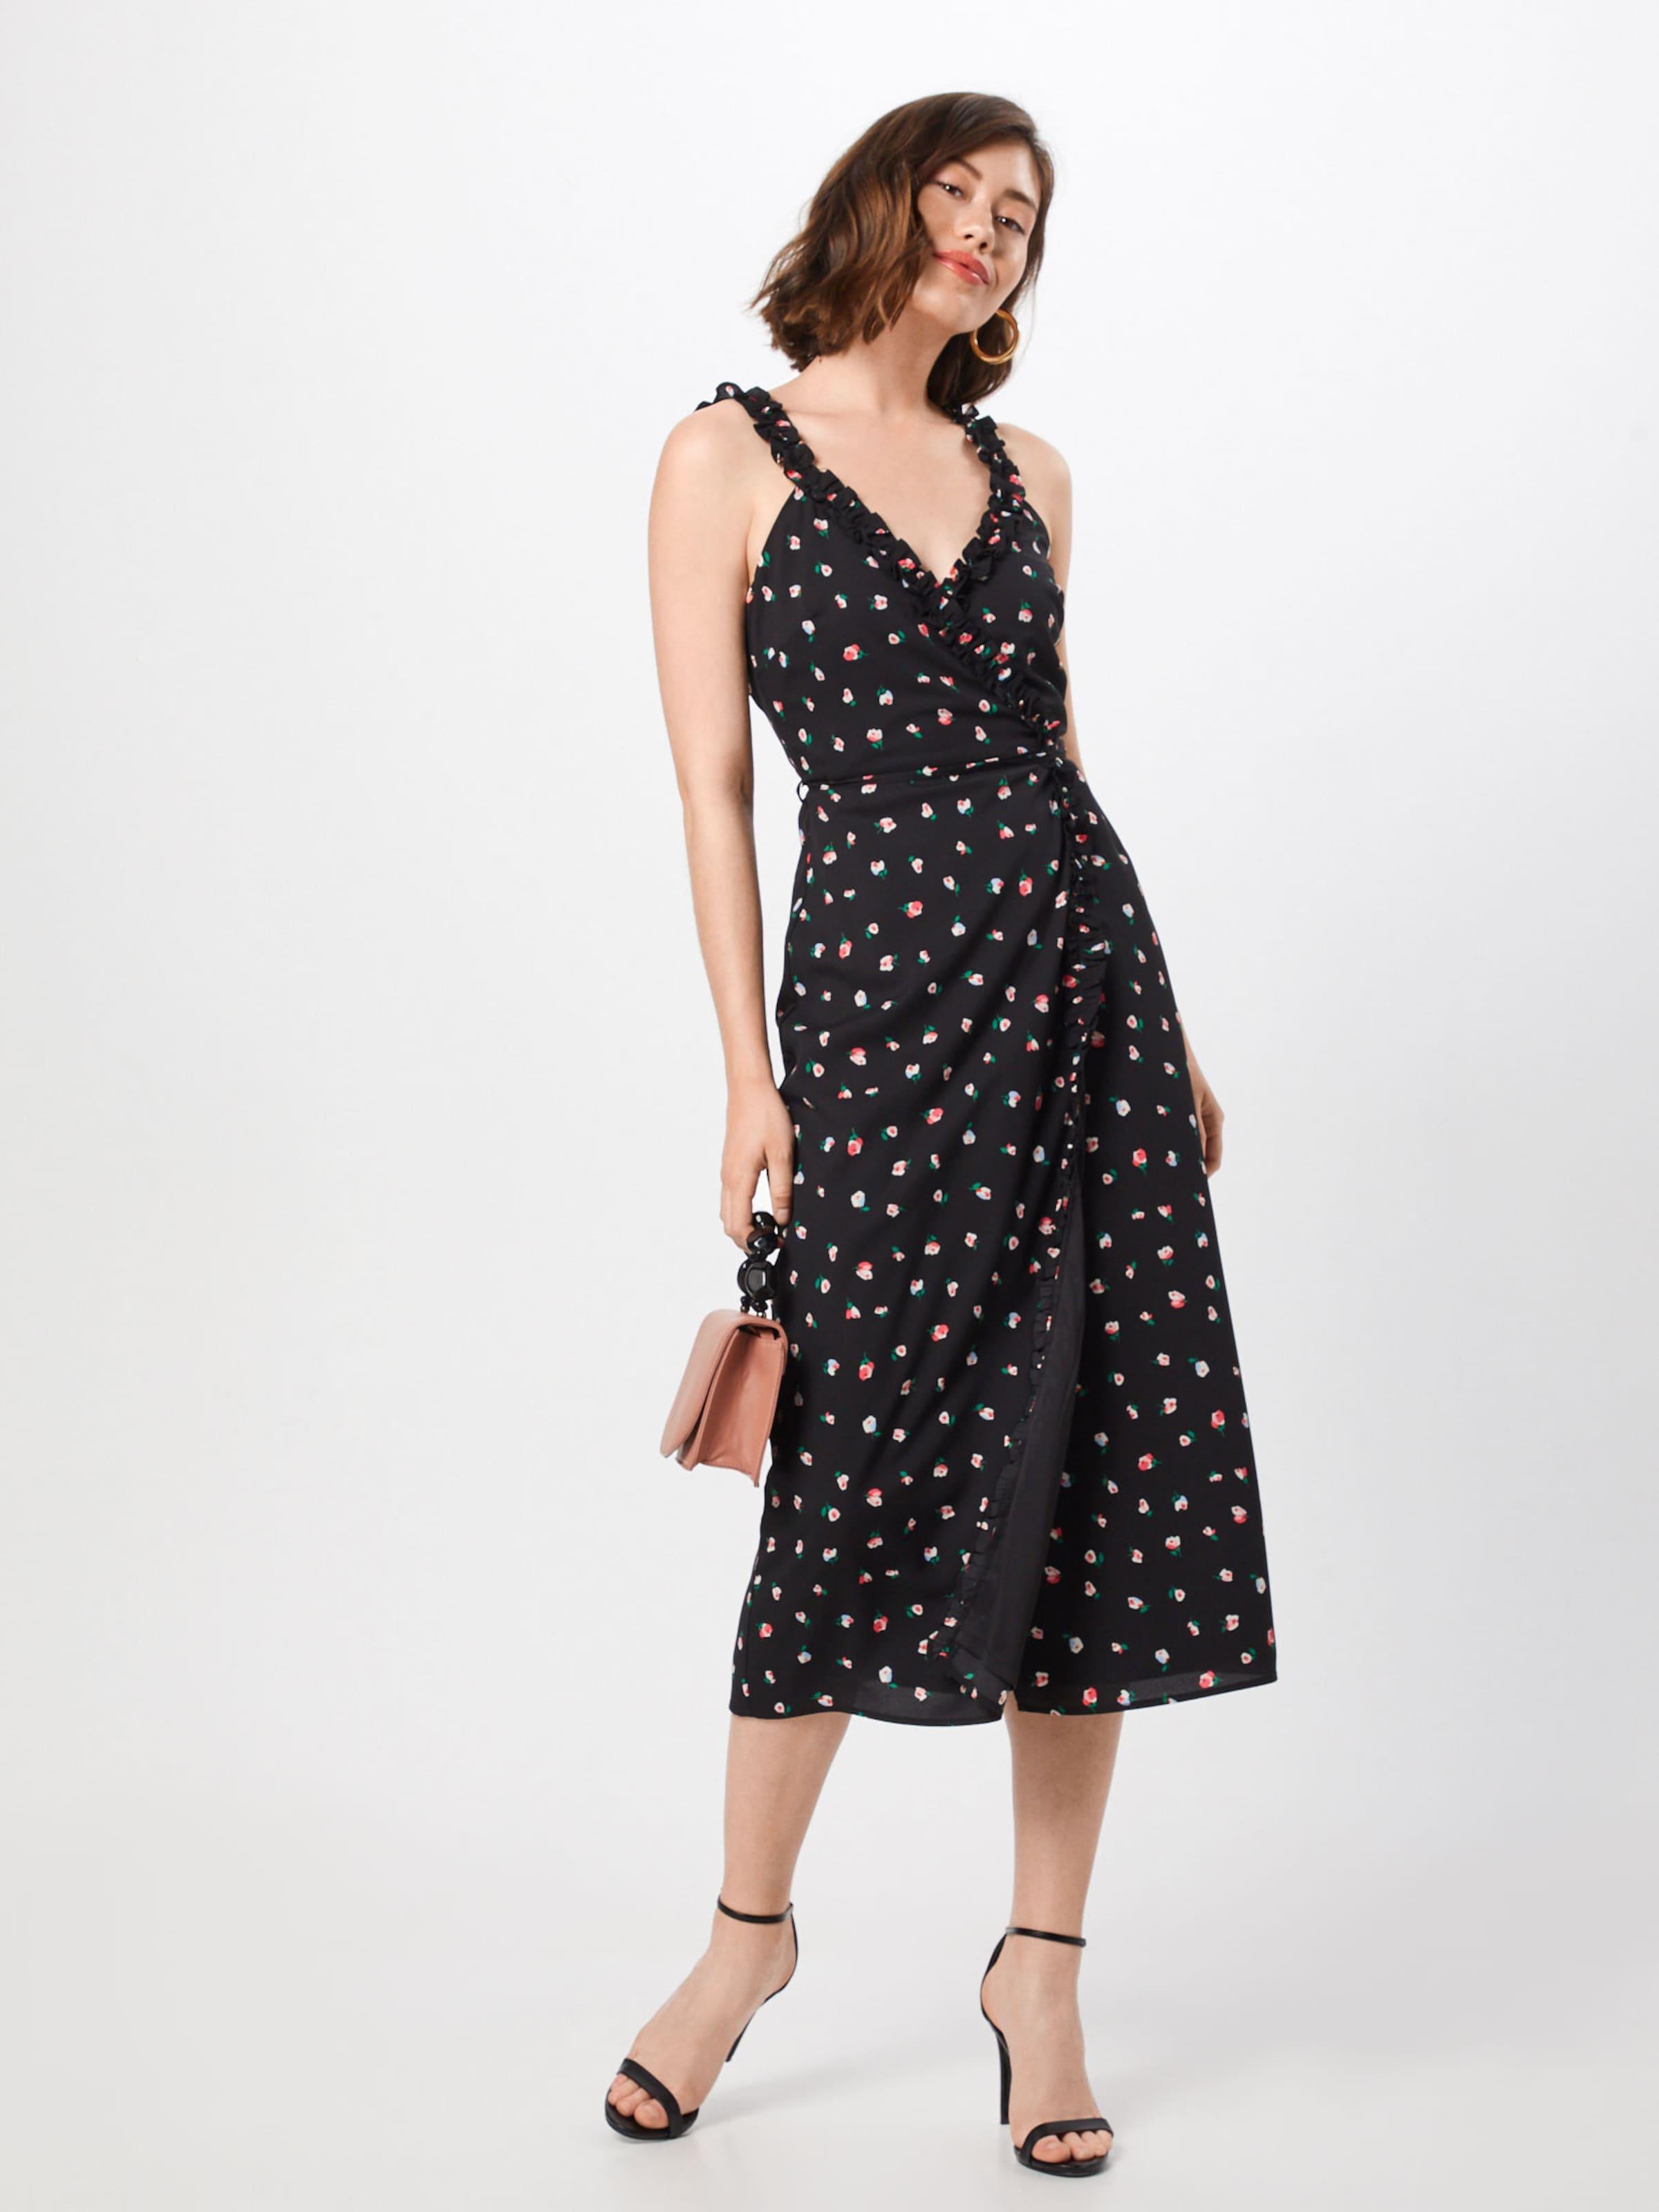 Union RoseNoir Fashion D'été Blanc En 'madame' Robe 80PNOymwvn